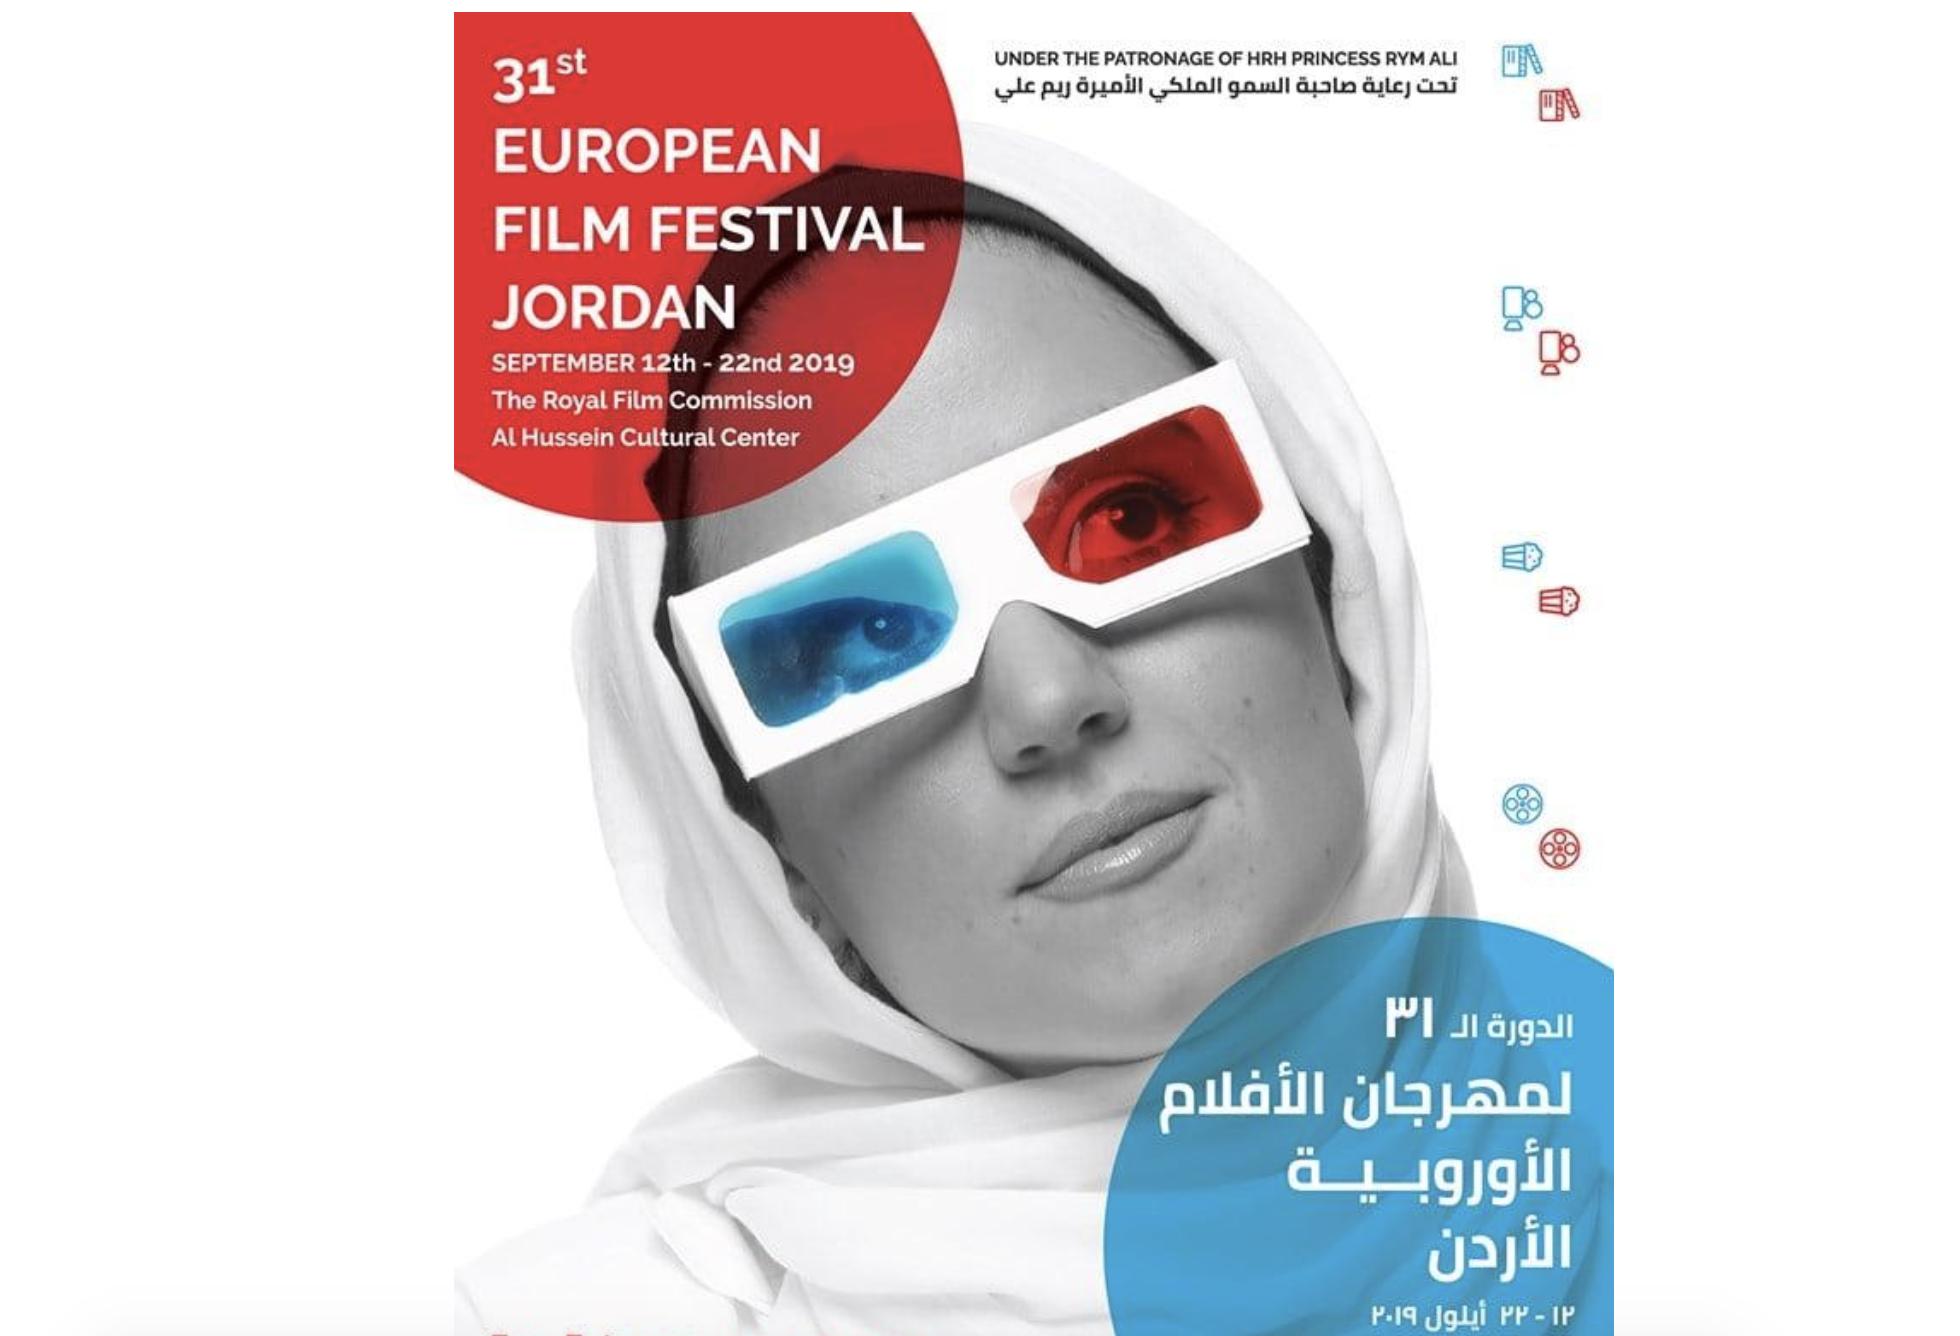 الدورة ال31 لمهرجان الأفلام الاوروبية في عمان /الاردن/2019